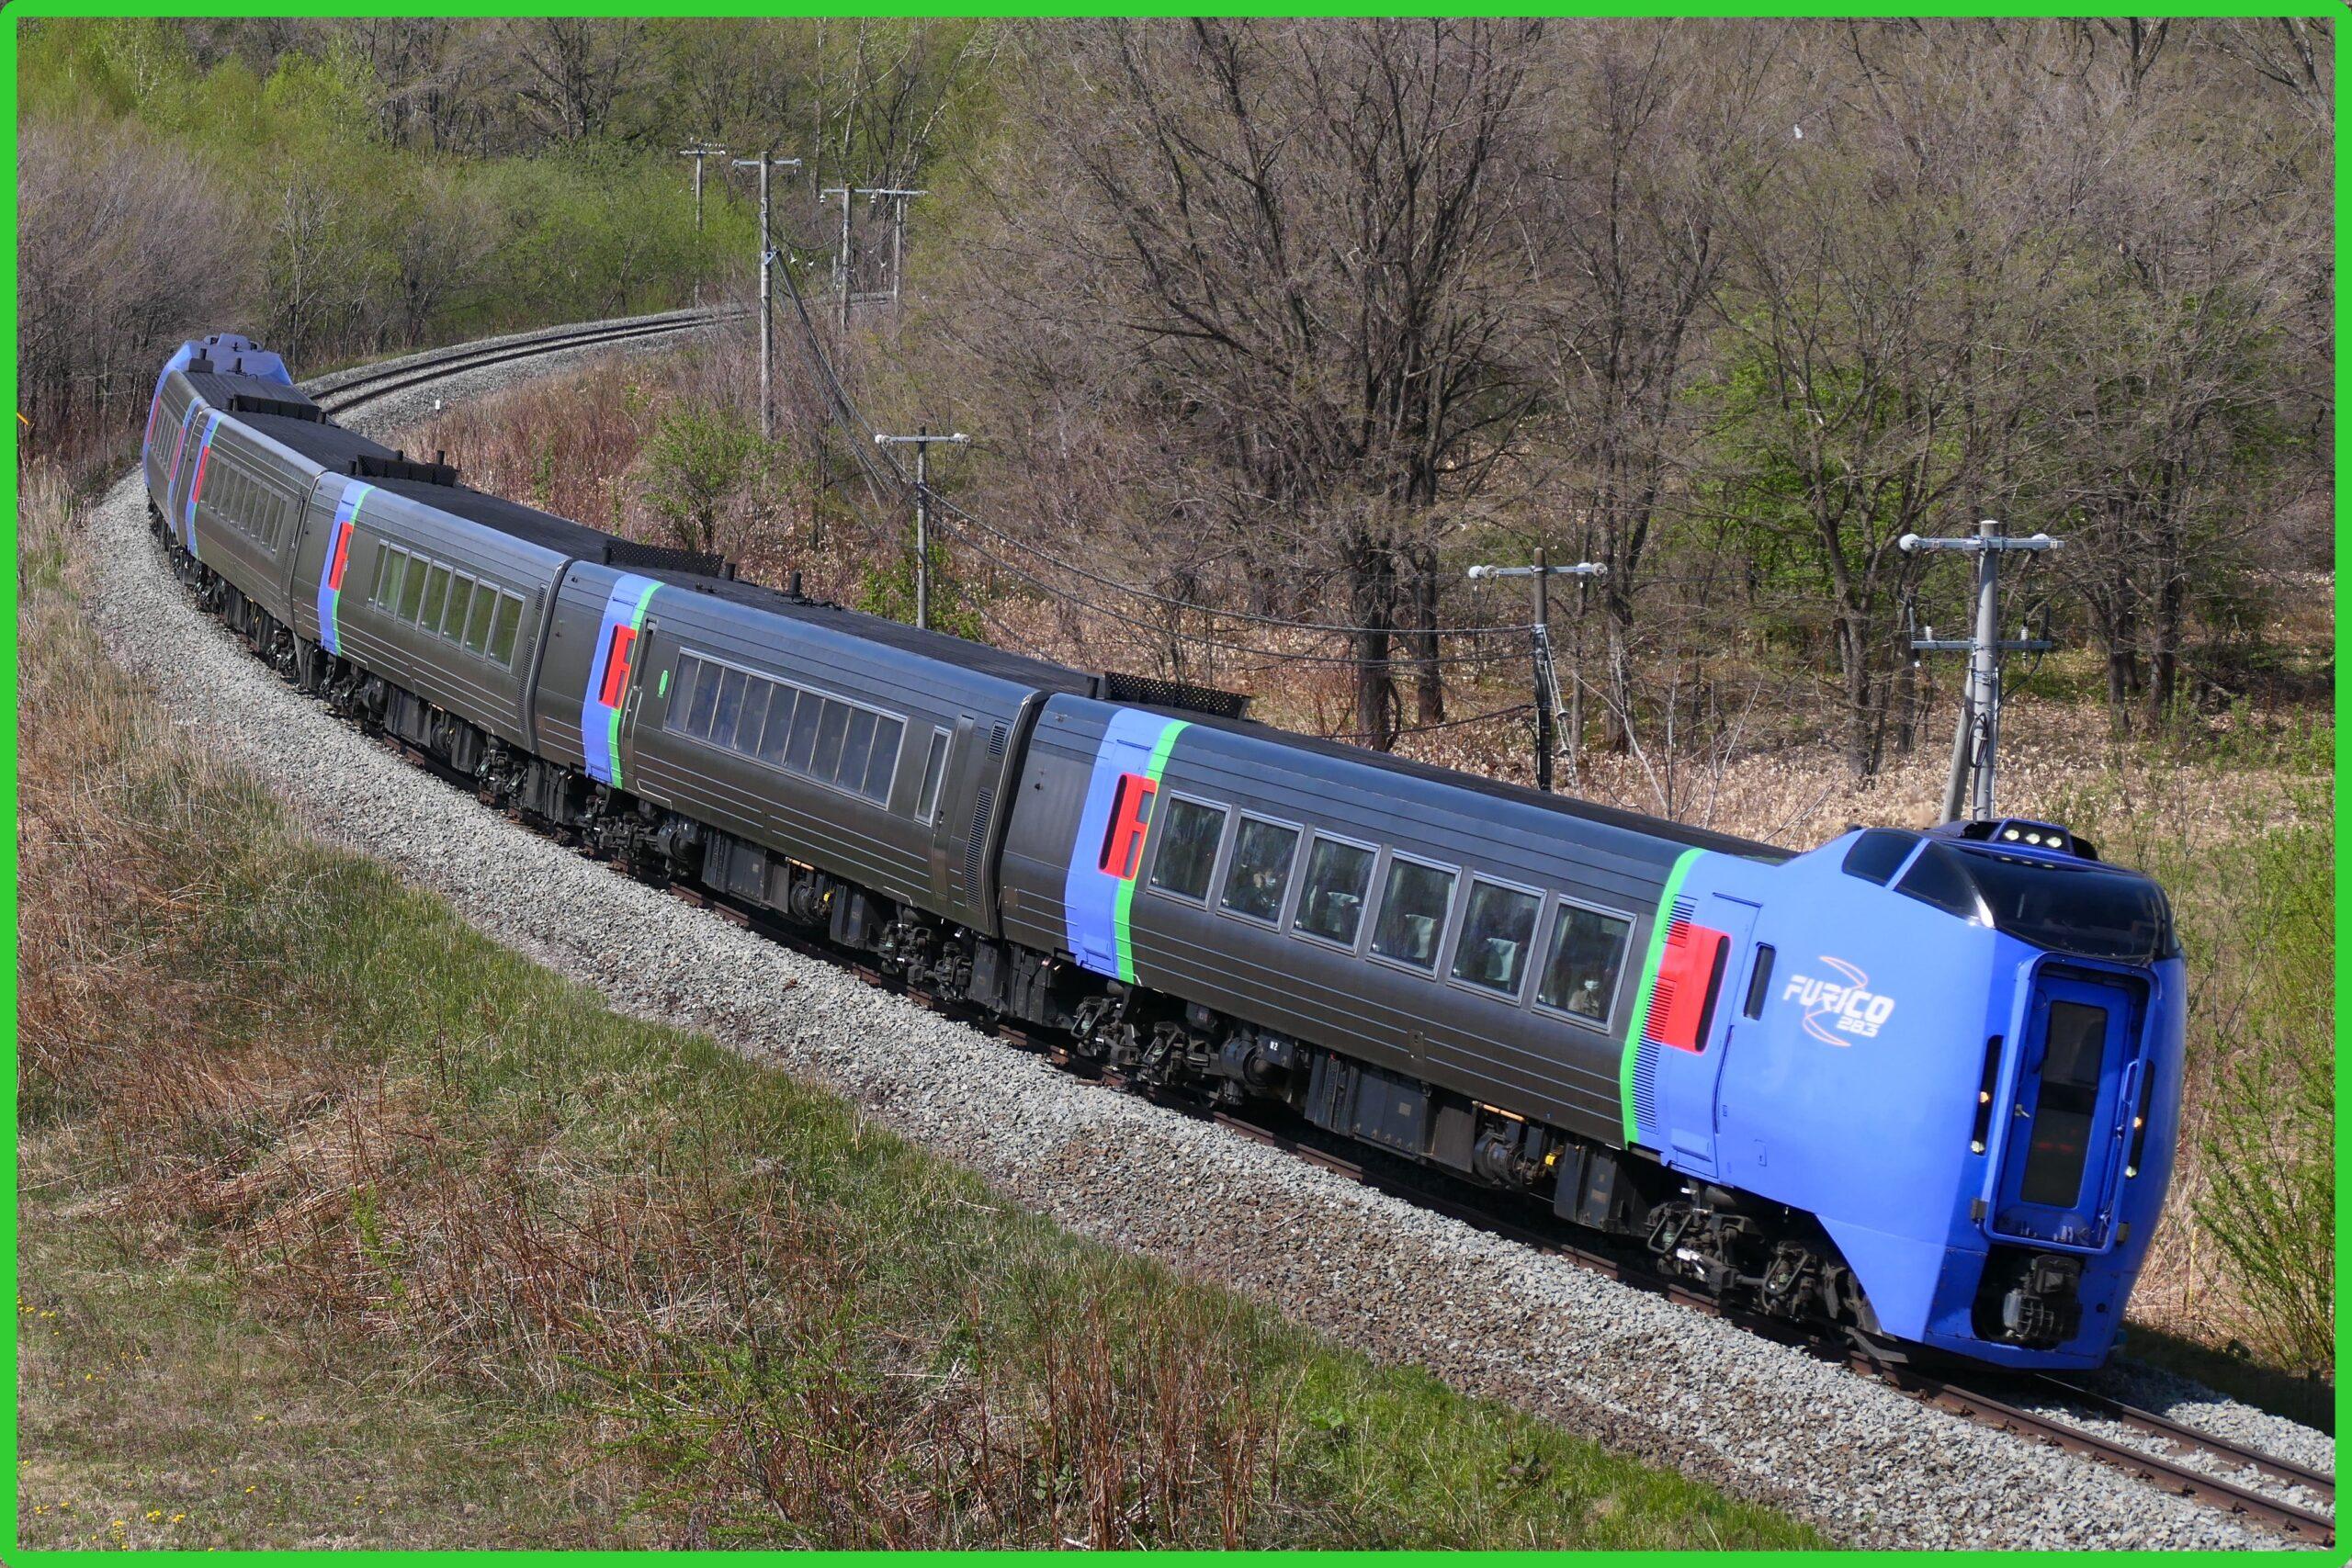 特急おおぞら用「振り子」キハ283系が261系で全車両置き換え決定・引退廃車か